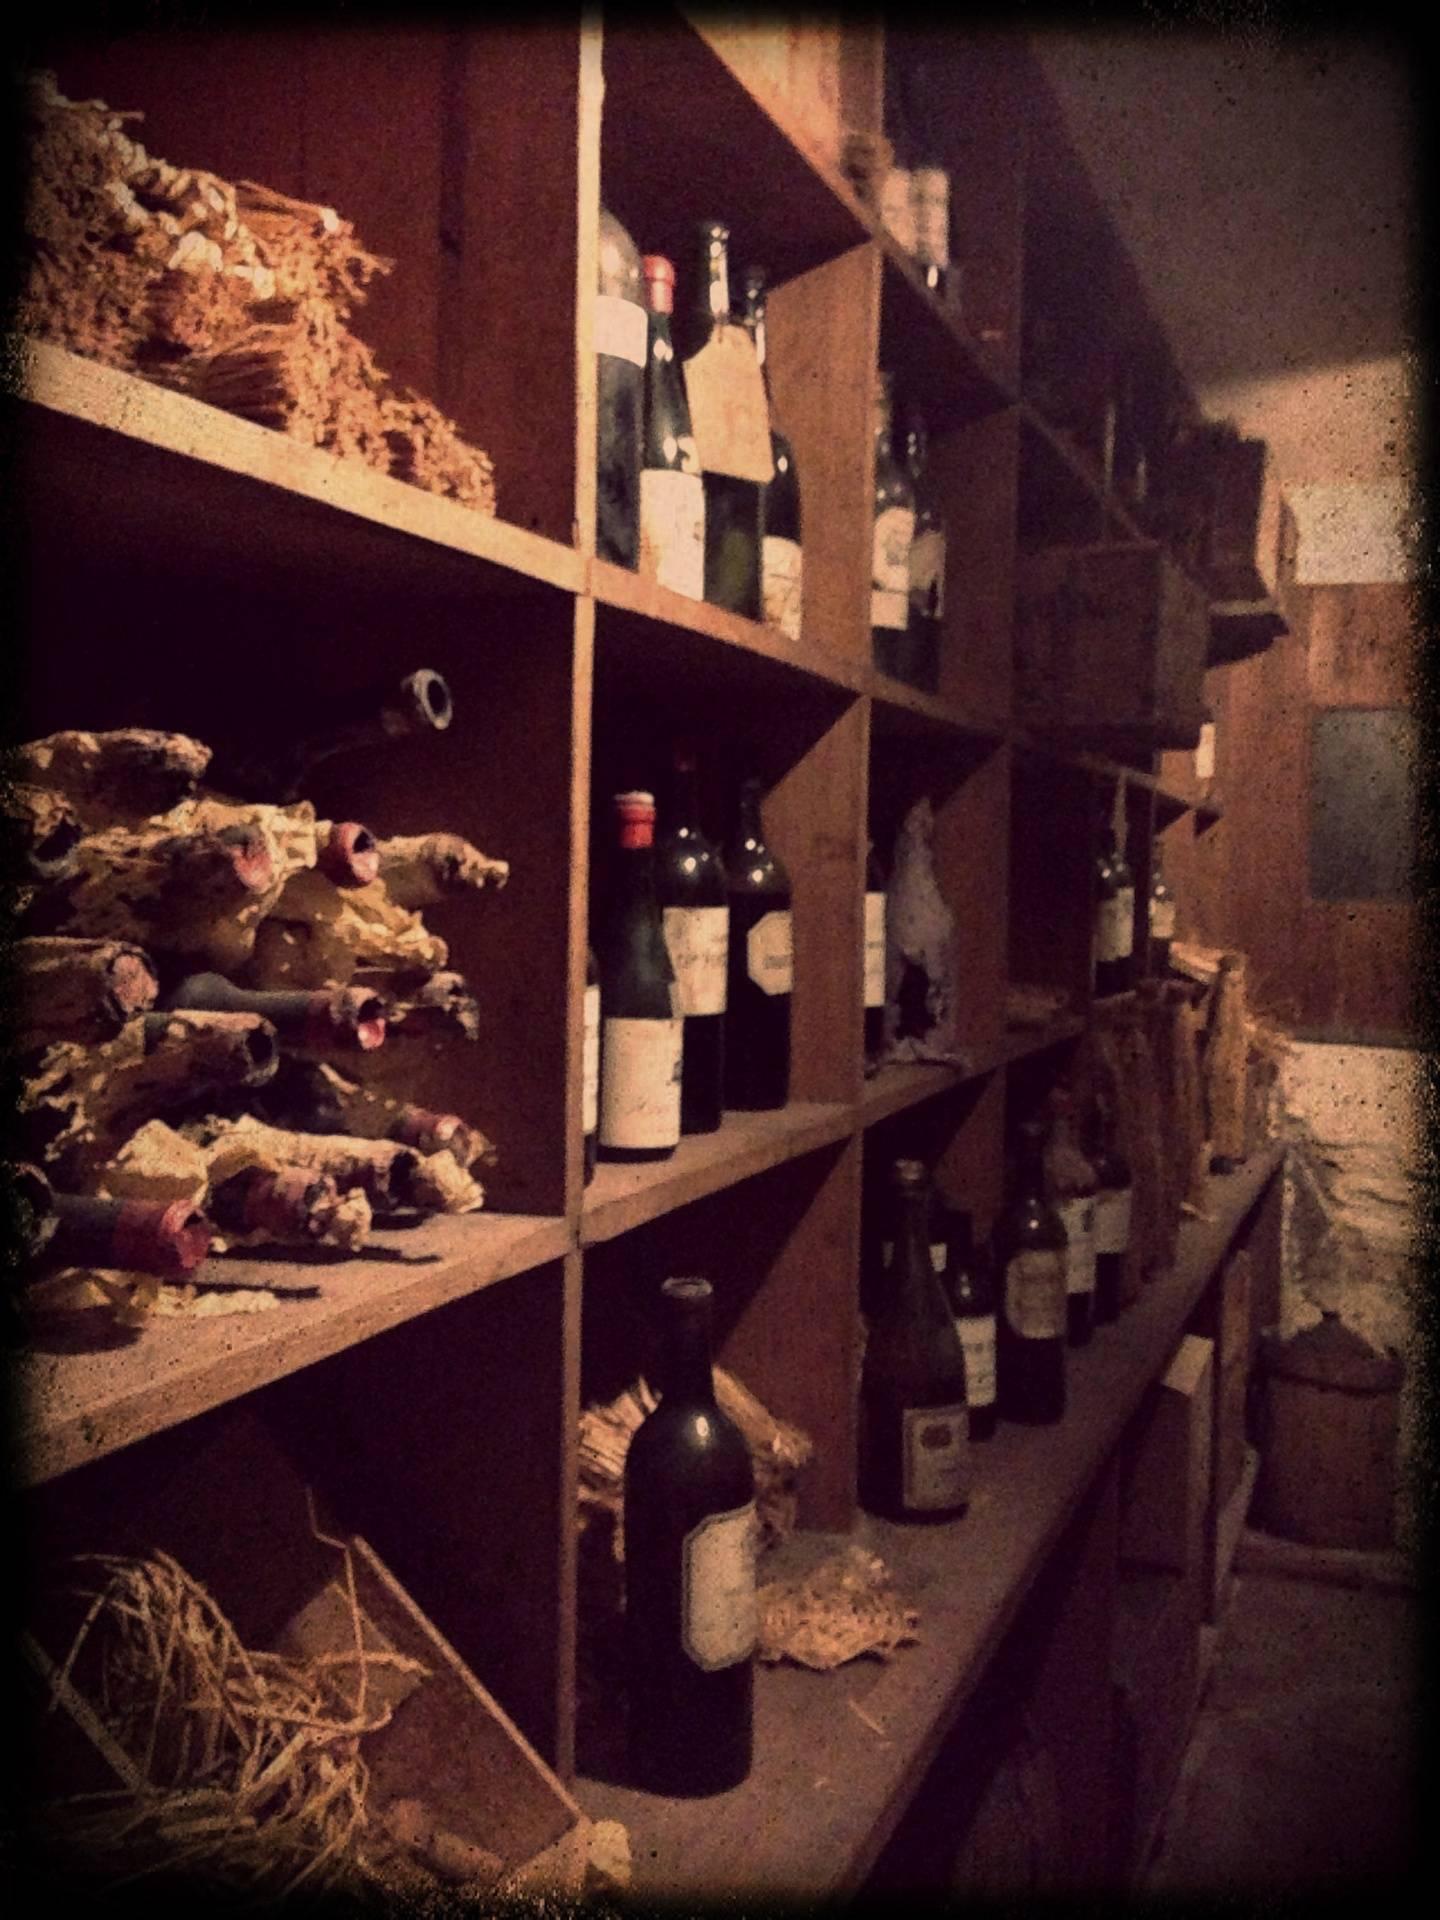 The priceless wine cellar